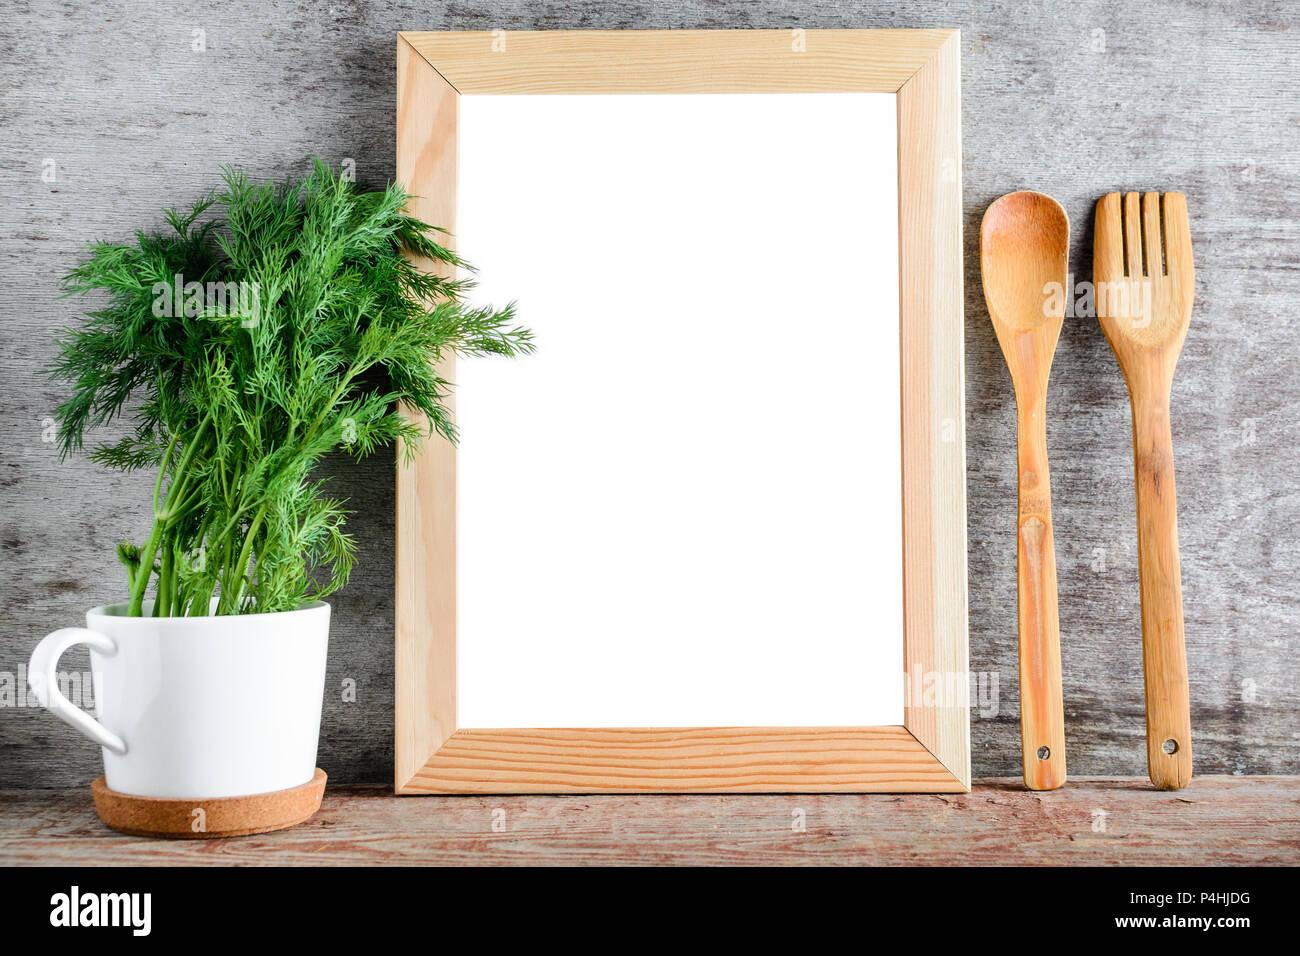 Un bastidor de madera vacías y accesorios de cocina en una pared ...